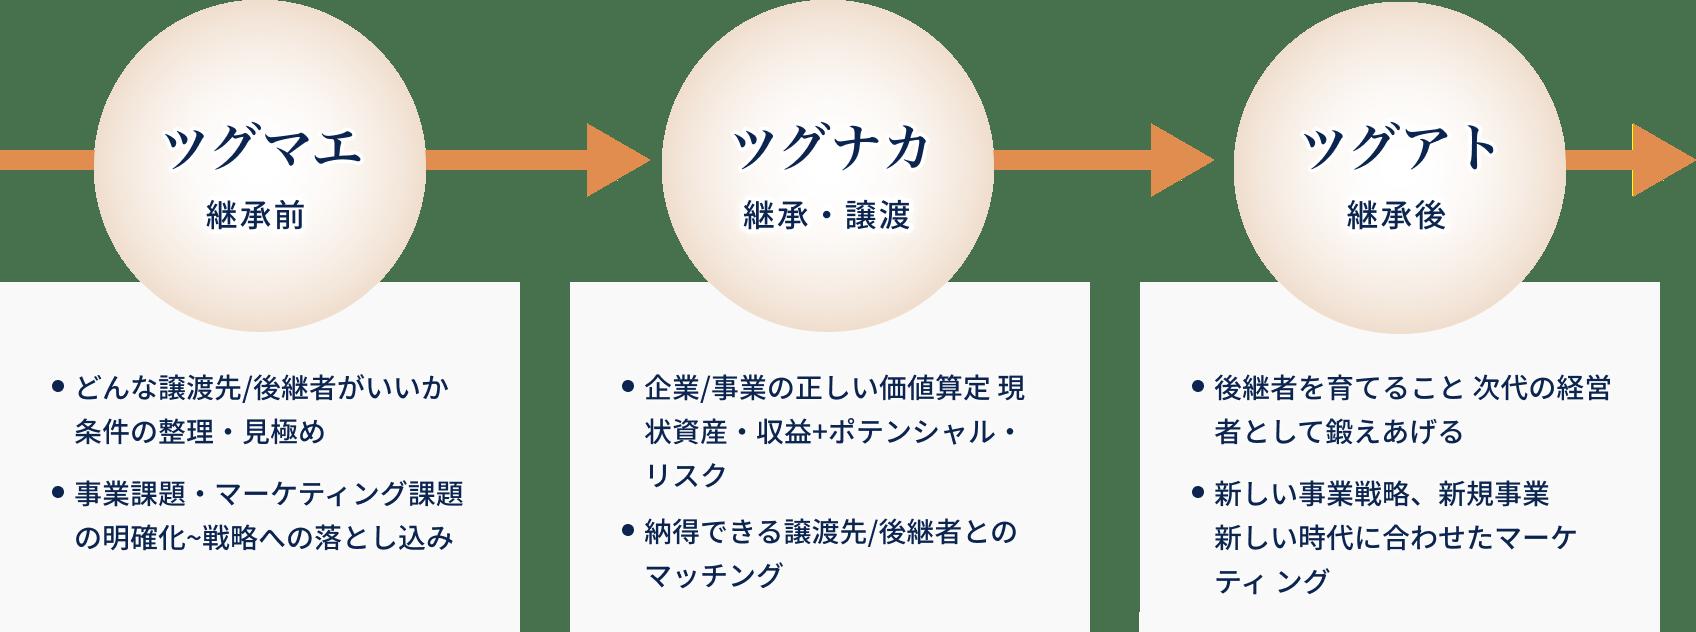 特徴1の図表2